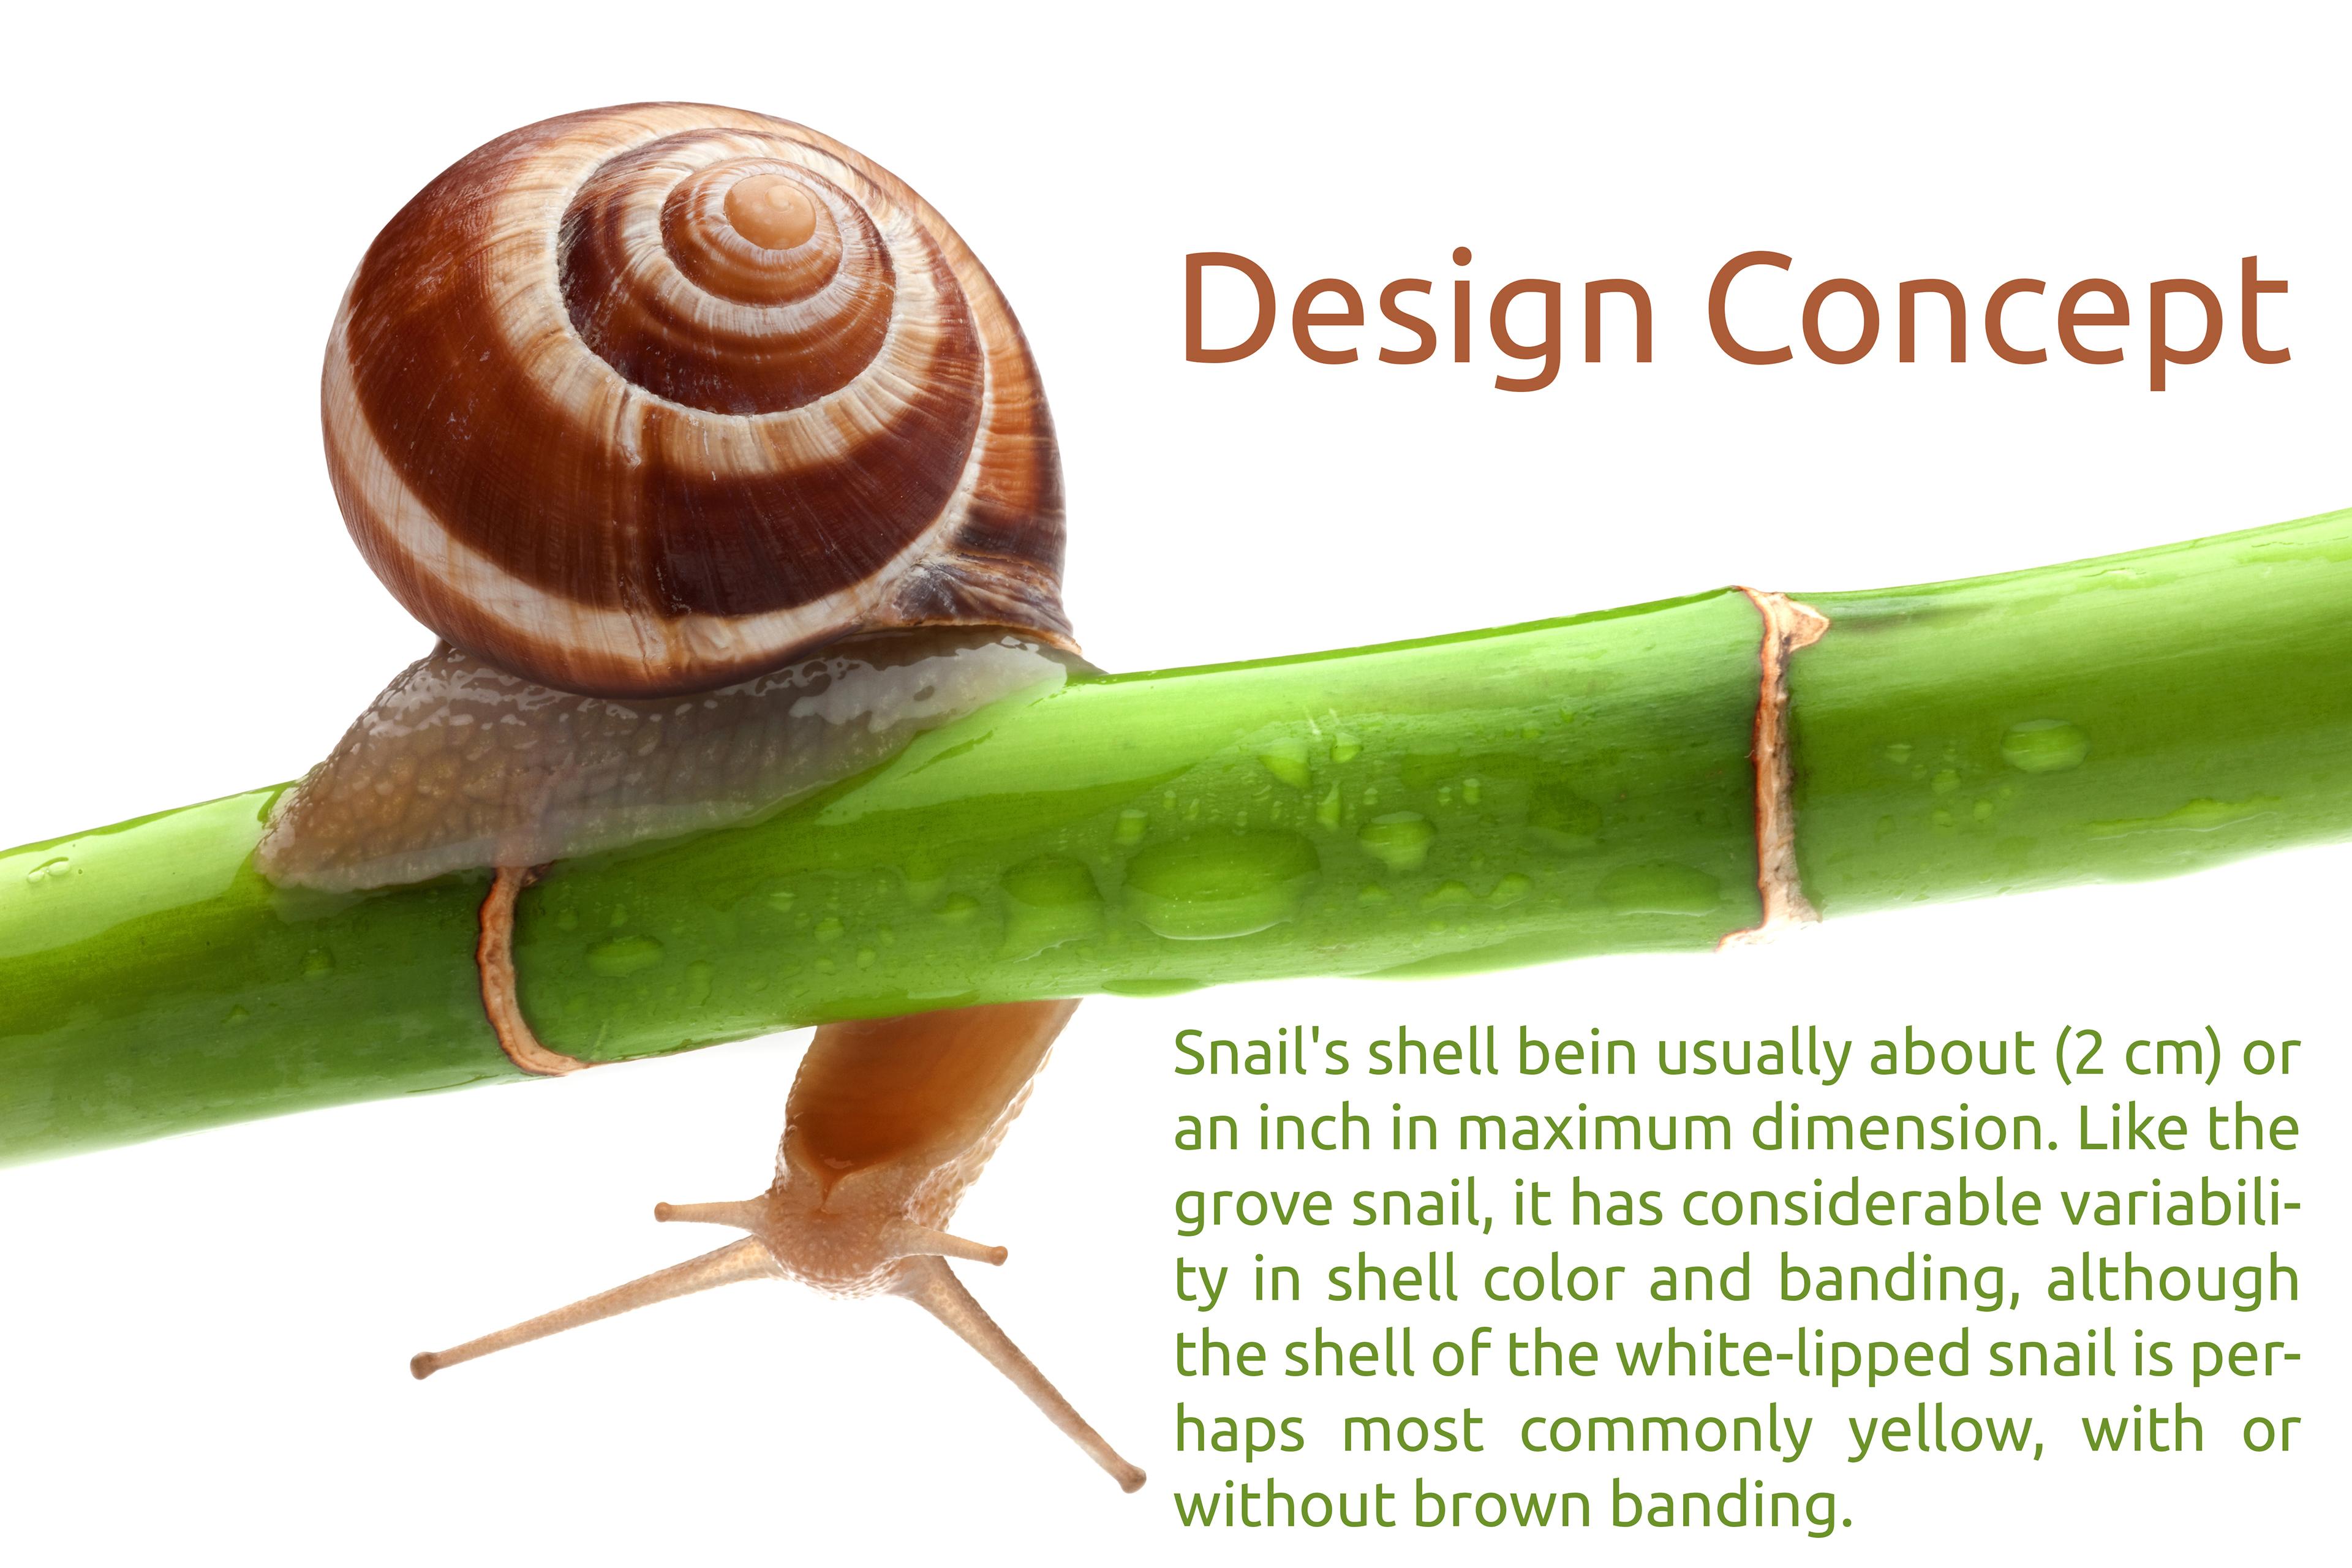 snail kiosk on behance